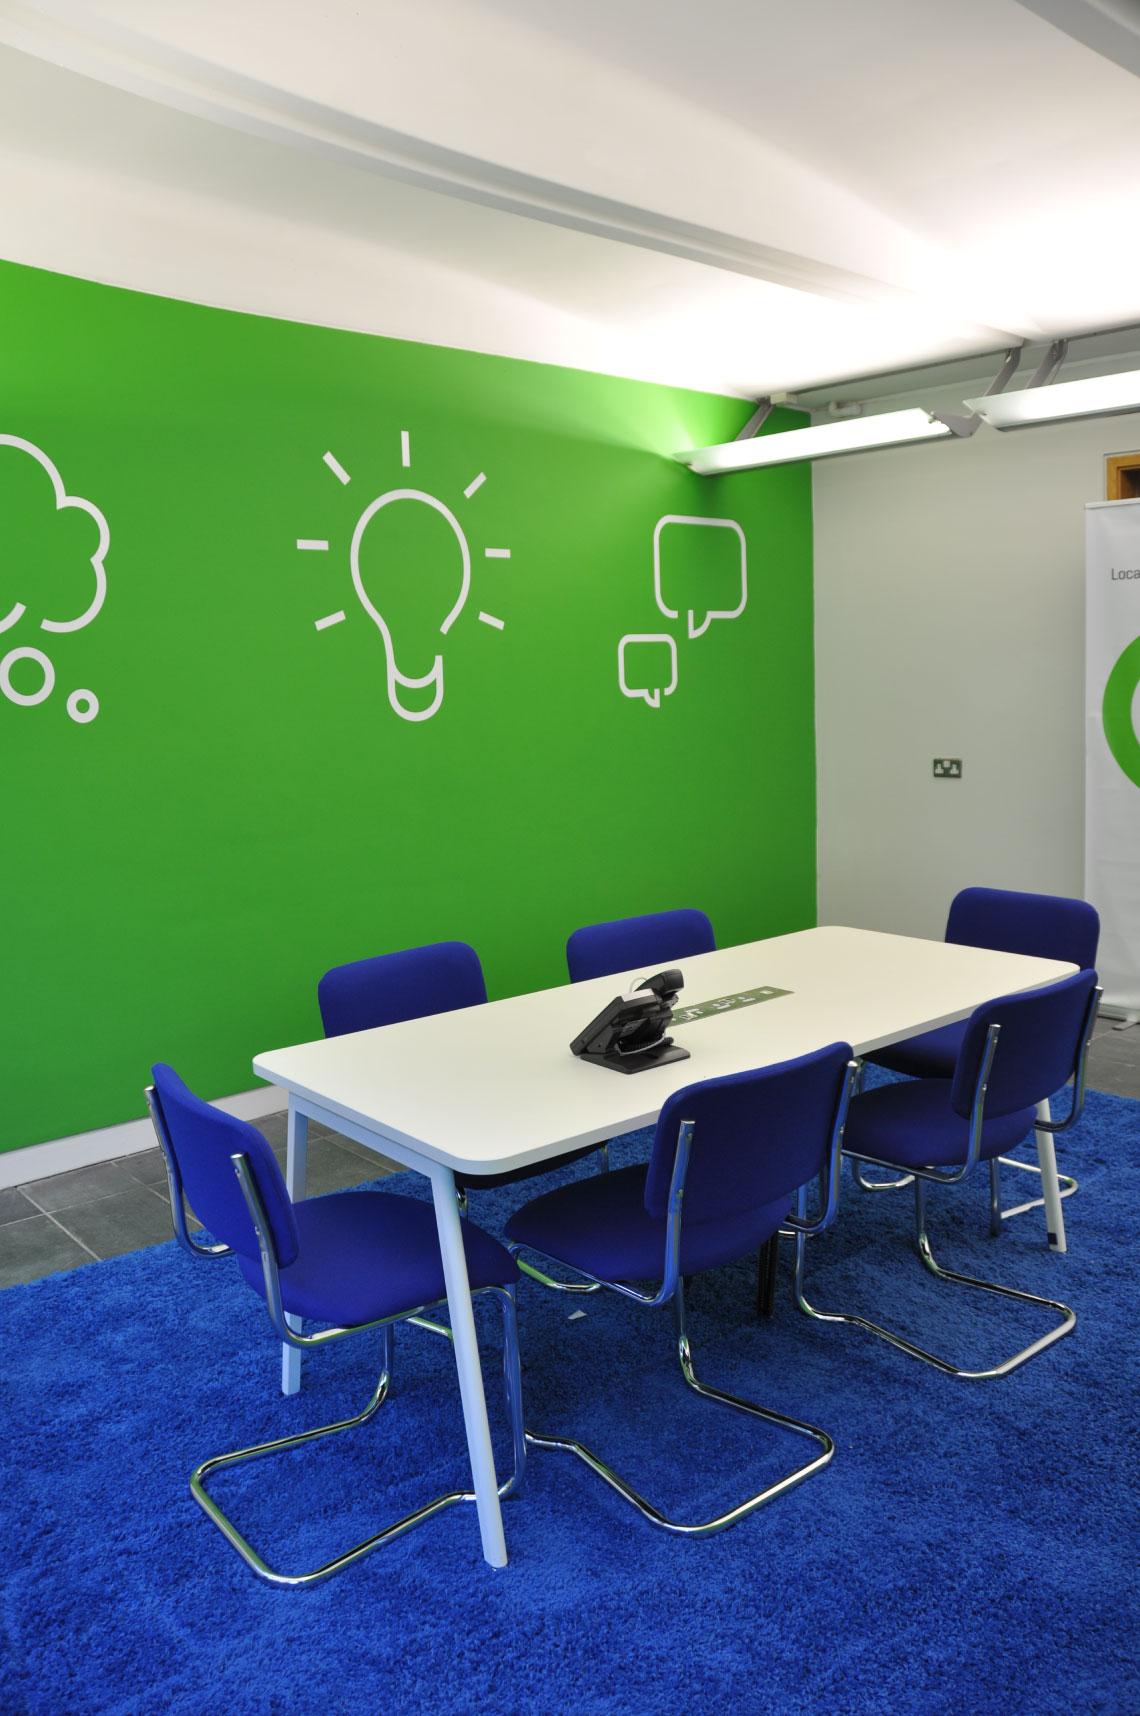 LEO_Meetingroom